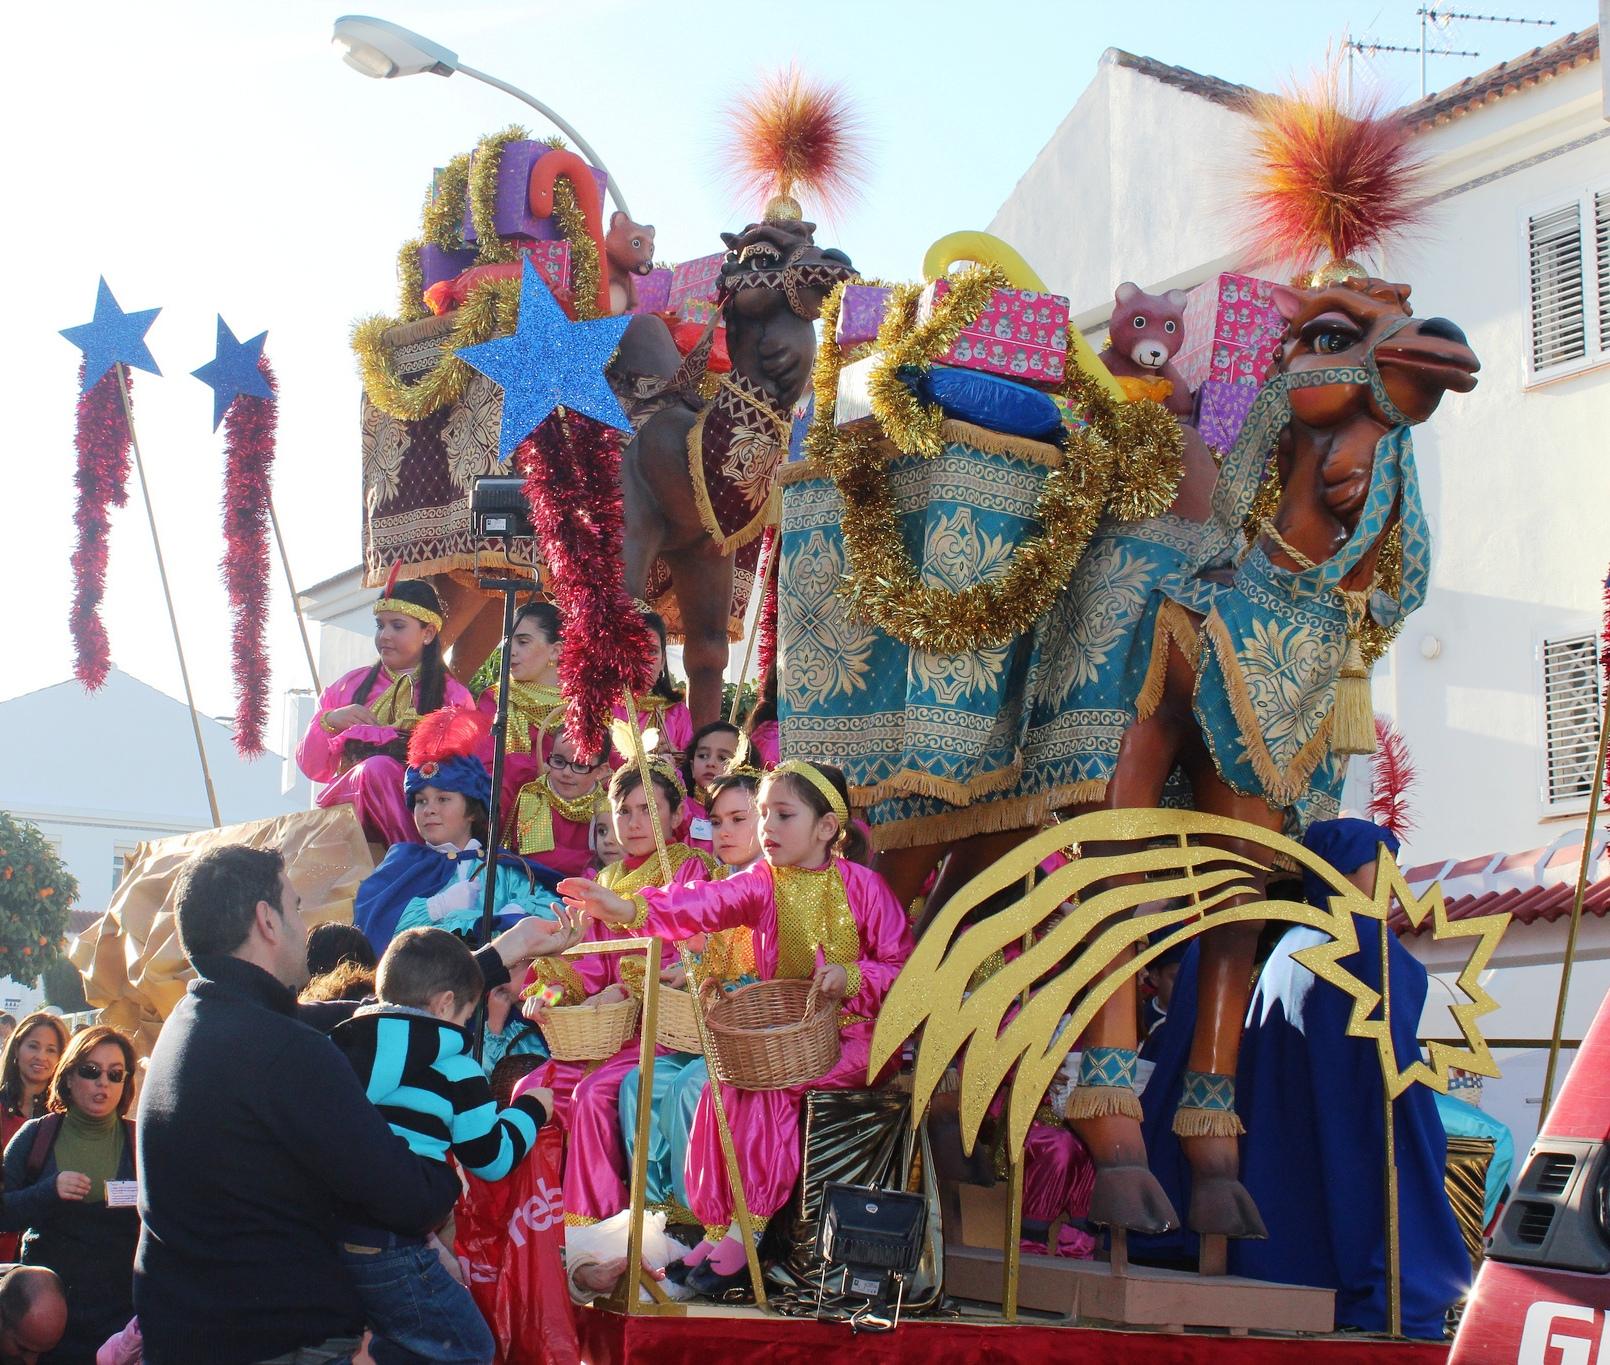 Carrozas De Reyes Magos Fotos.Ven A Disfrutar De La Cabalgata De Los Reyes Magos En Malaga